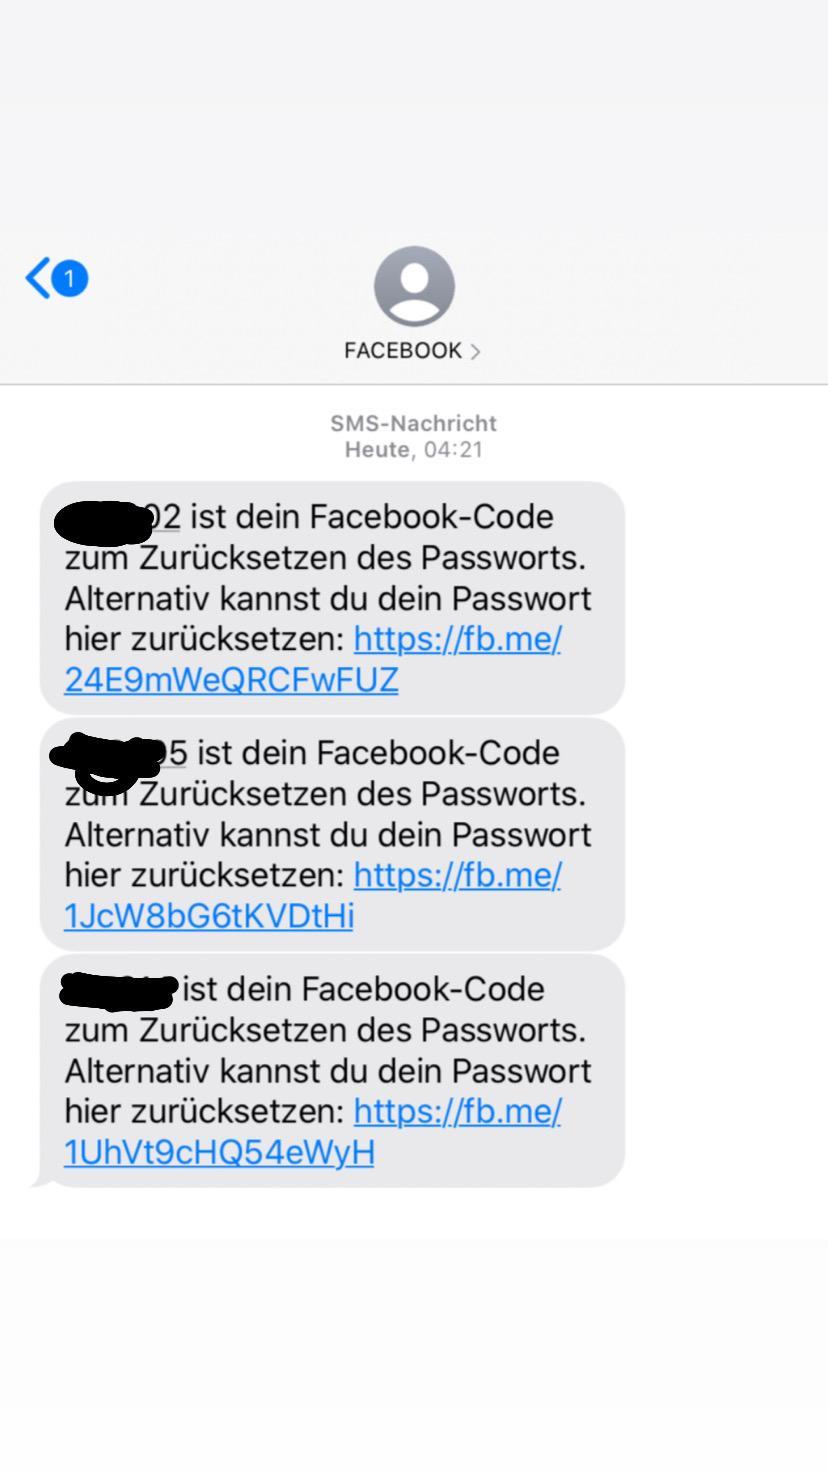 Facebook - ich bekomme per SMS Code zum Passwort